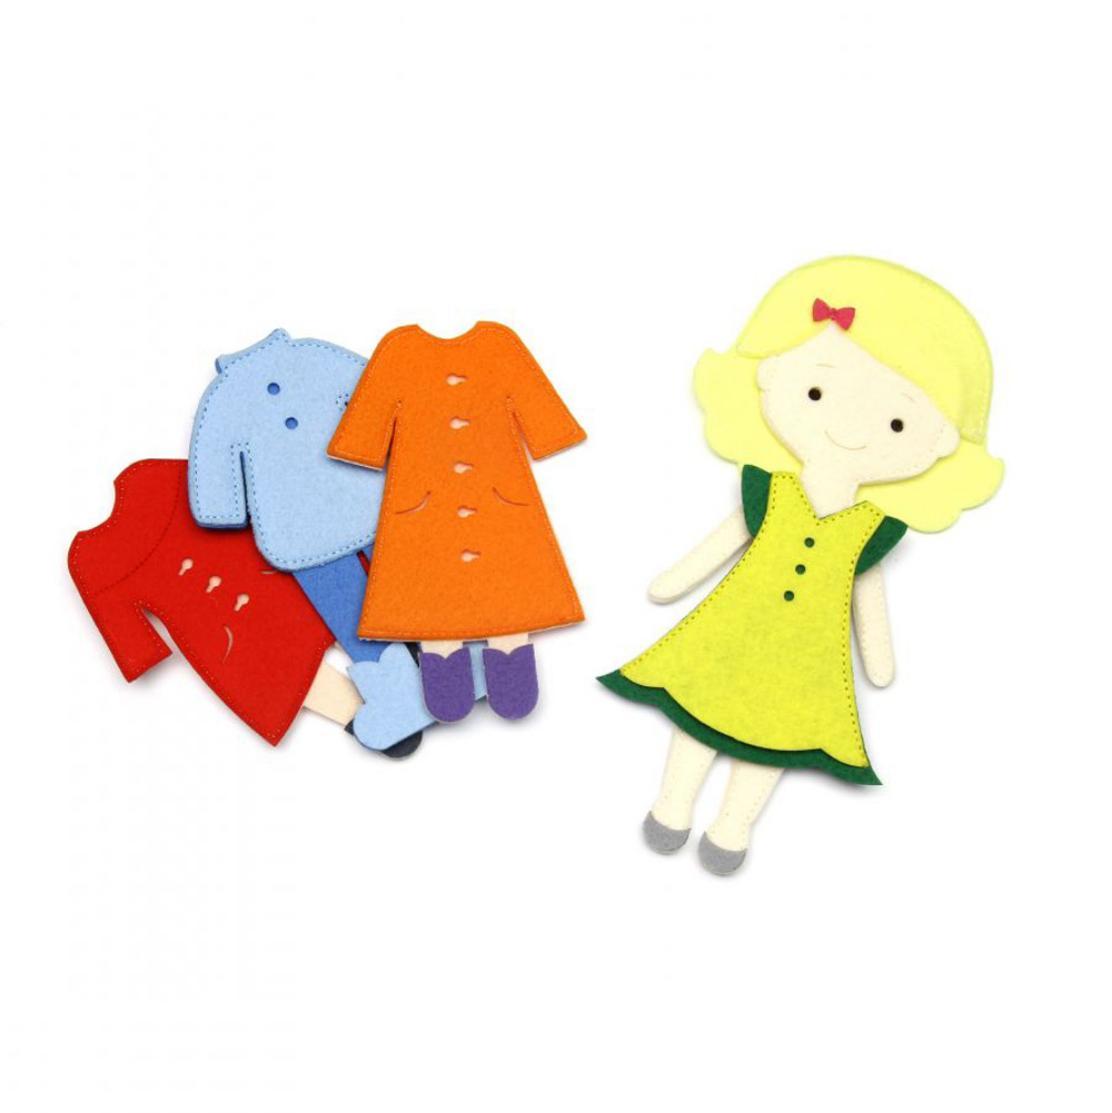 Игровой набор - Одень куклу, 4 сезона фото